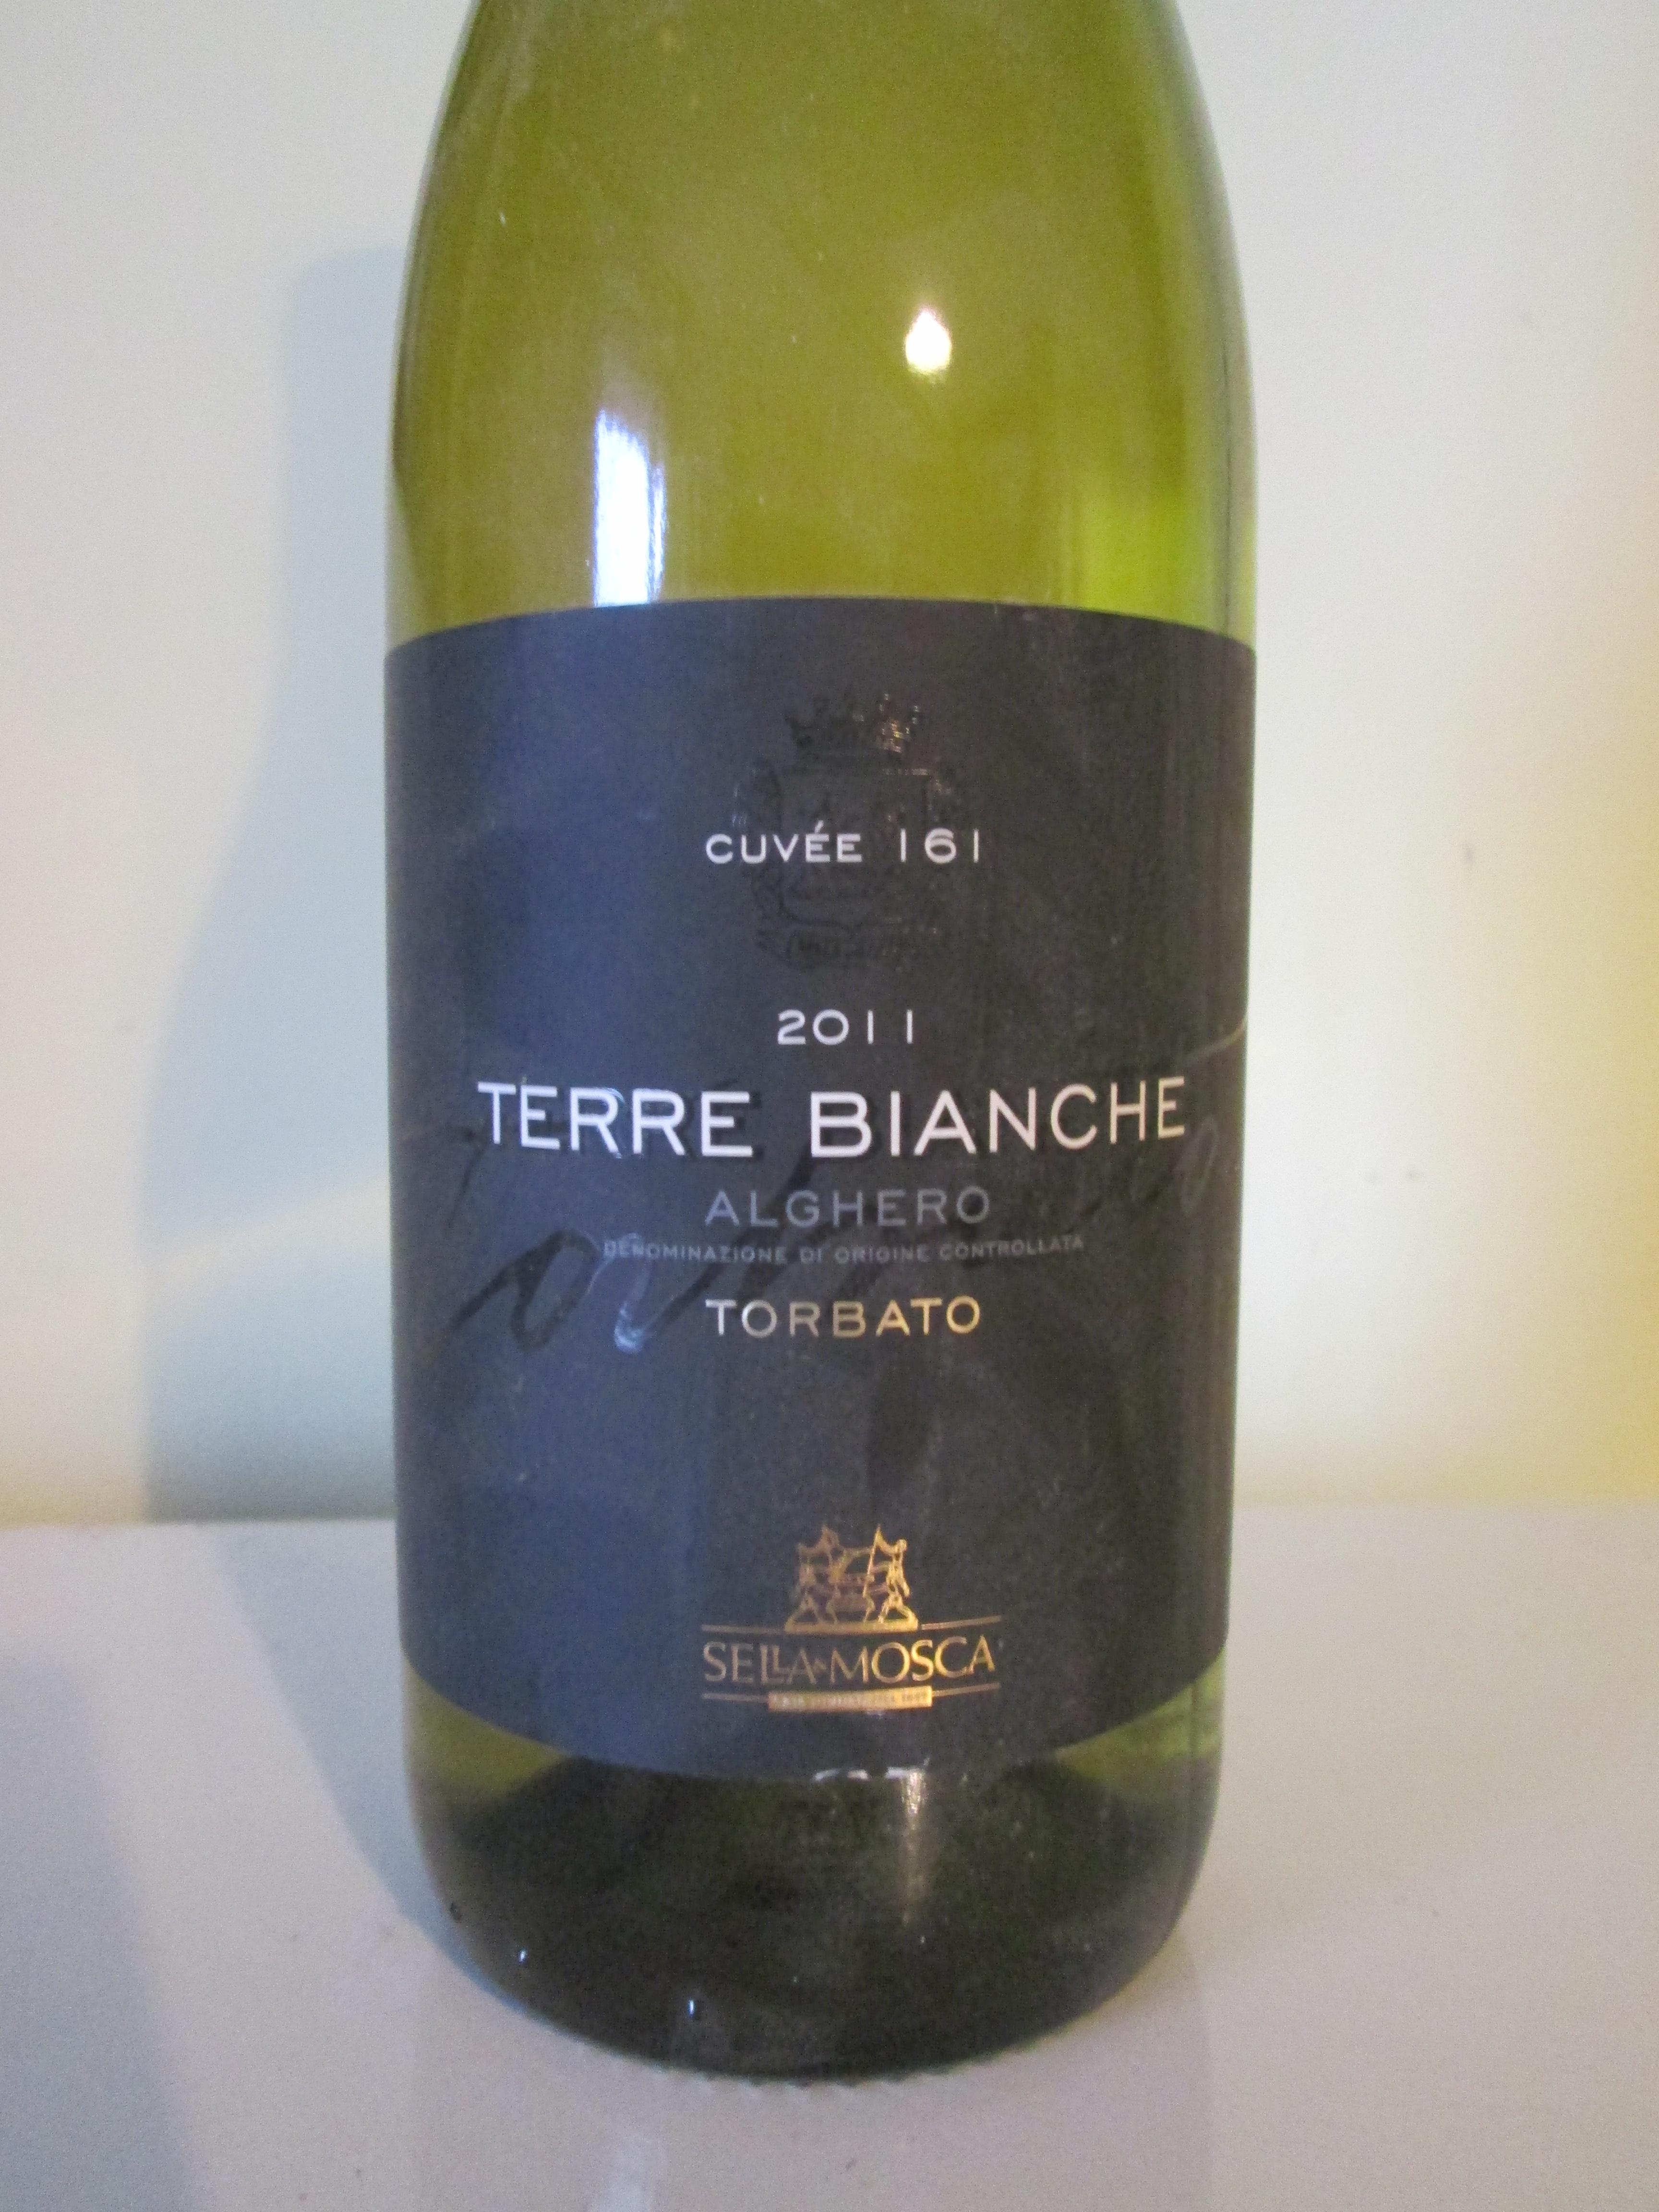 Torbato Cuvée161 Terre Bianche 2011 Az. Sella&Mosca